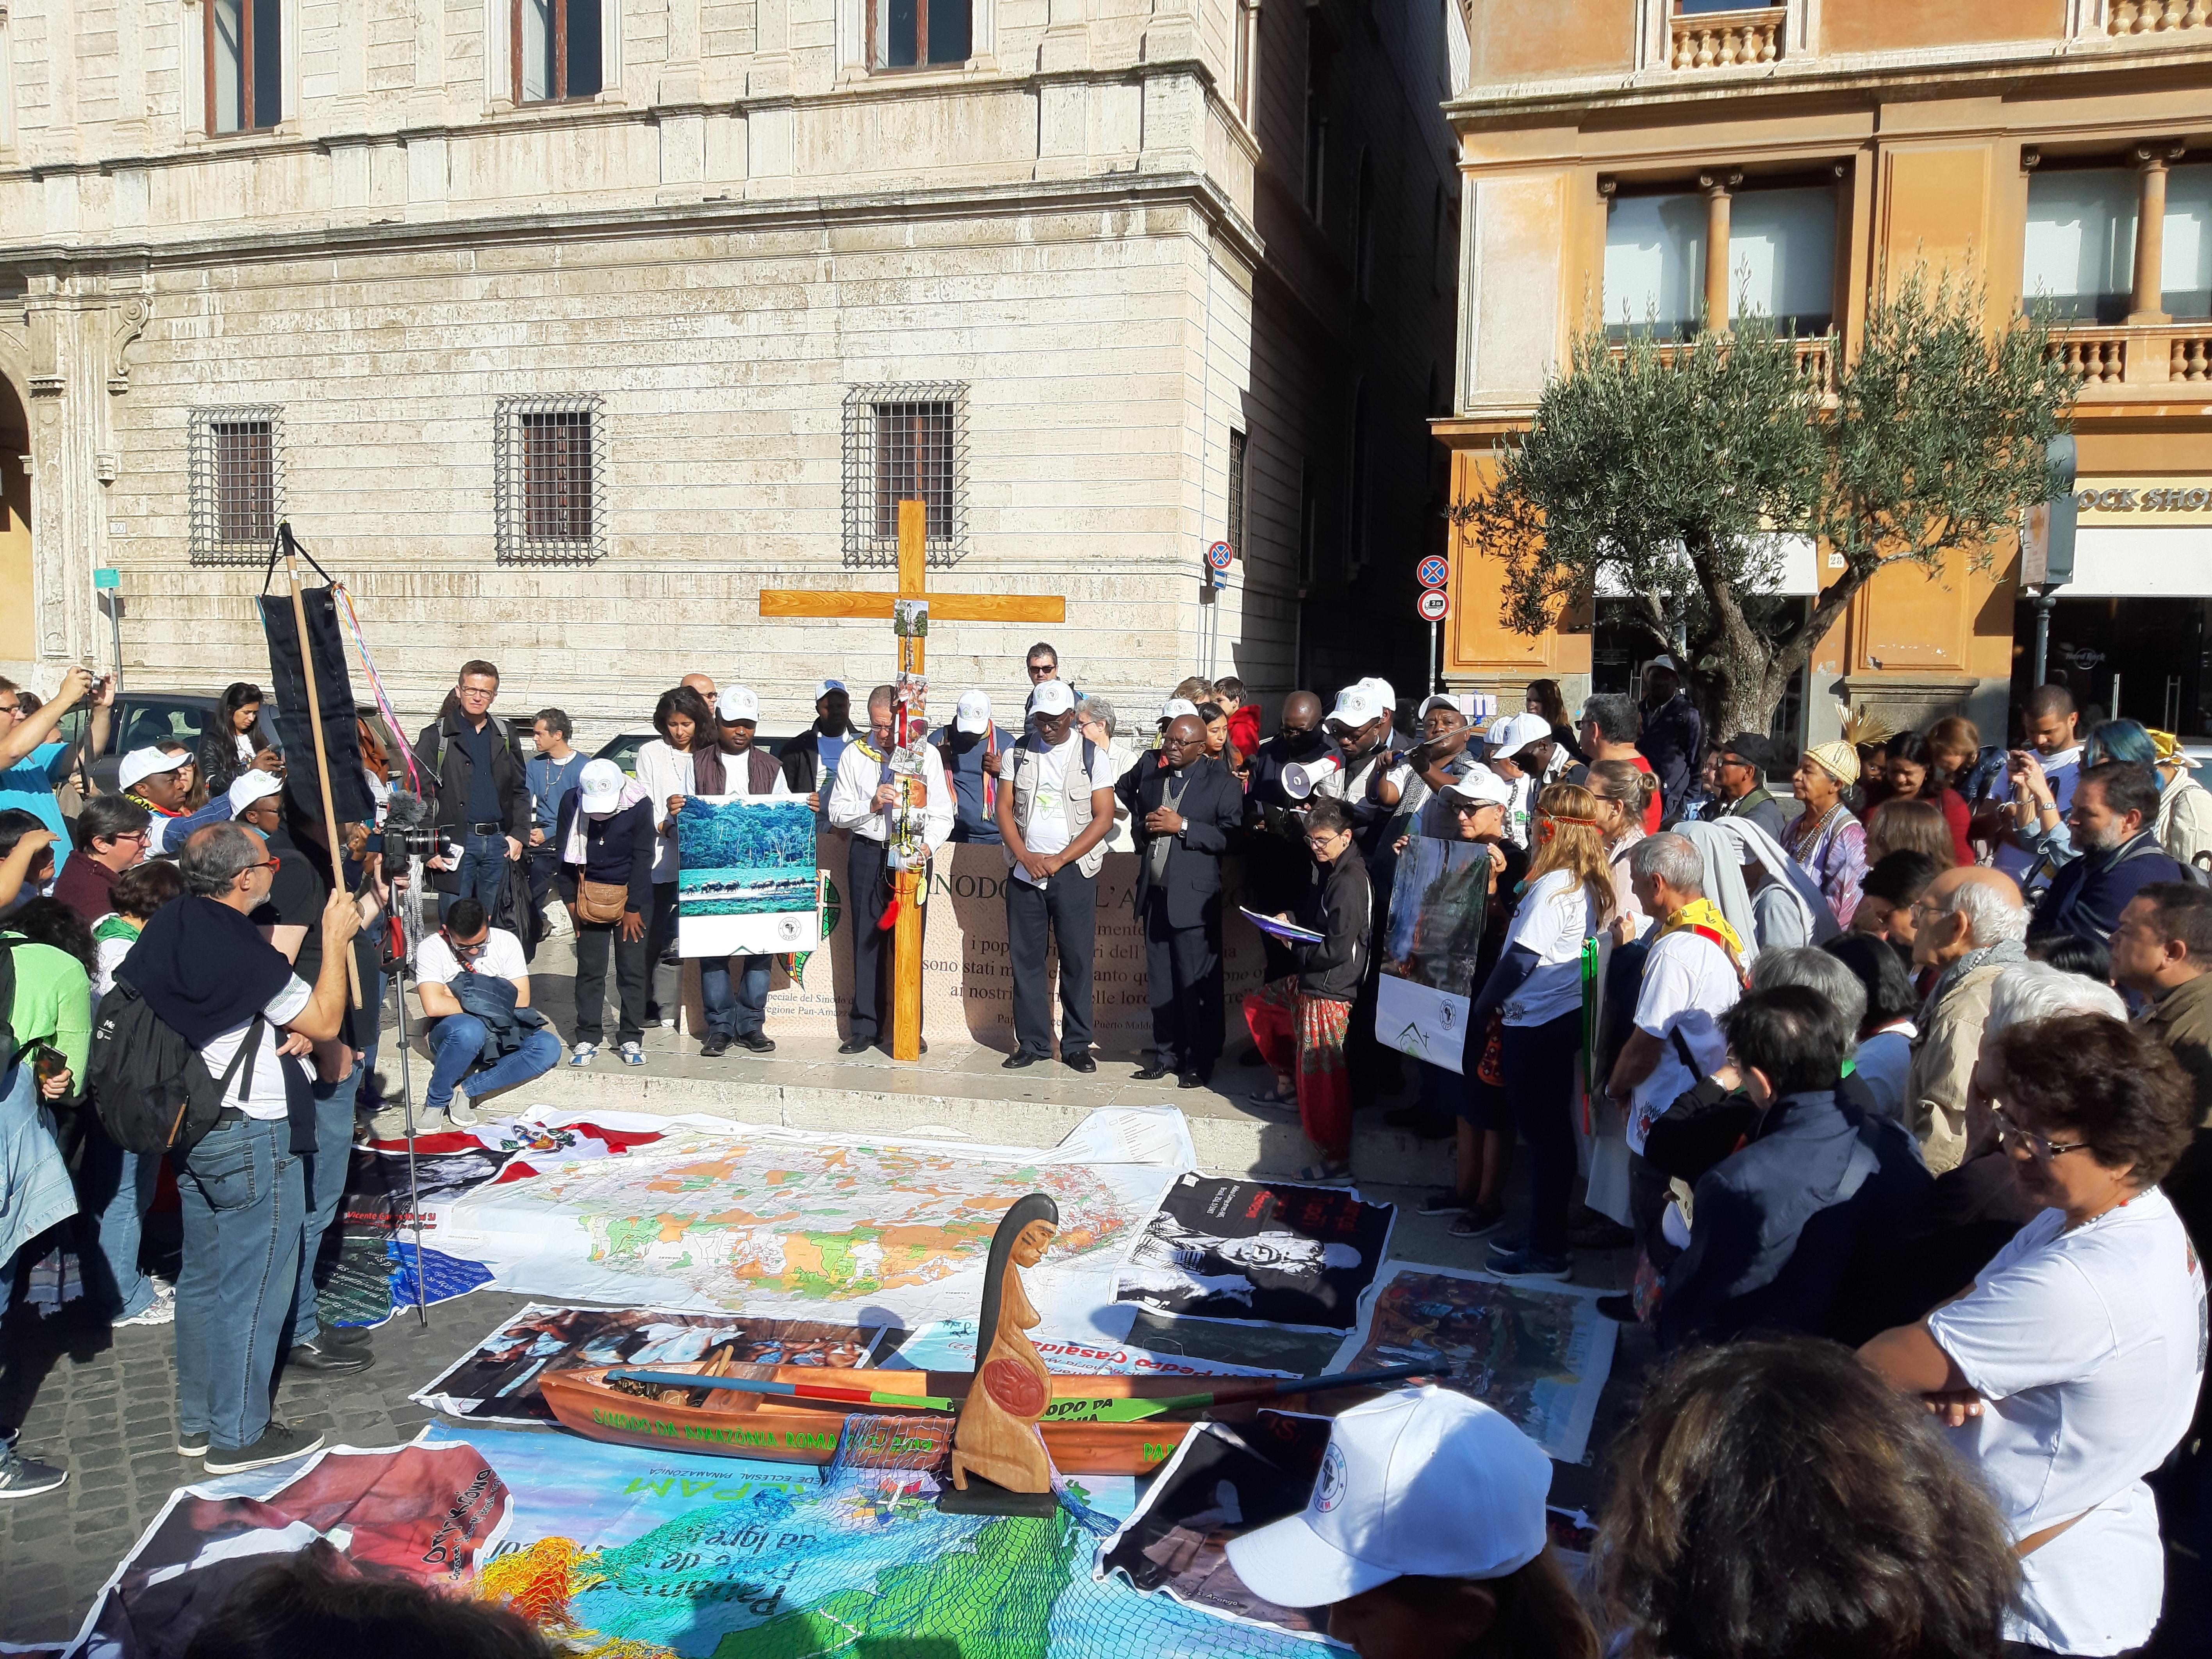 Un momento del Viacrucis que recorrió las calles de Roma y el Vaticano el sábado 19 de octubre. Foto Marta Isabel González Álvarez